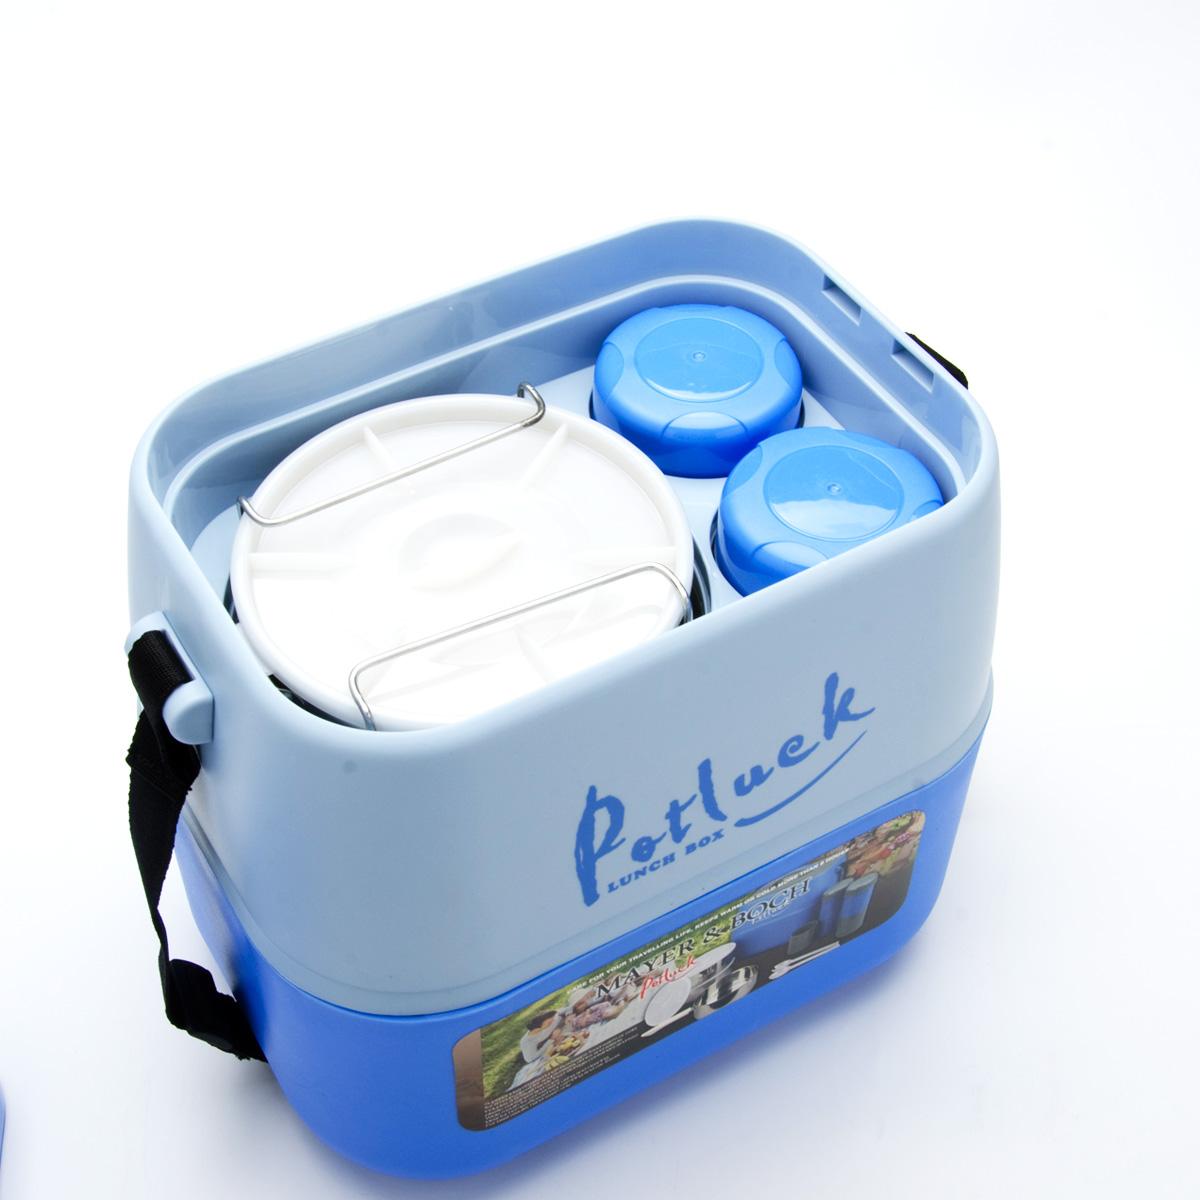 Термо-контейнер для продуктов Mayer & Boch, цвет: синий, 3,6 л23727Термо-контейнер Mayer & Boch, изготовленный из полипропилена, станет незаменимой вещью для офисных работников, водителей, школьников и студентов. Благодаря двойной стенке и герметичной крышке термо-конейнер сохраняет температуру продуктов в течение 4-5 часов, поэтому вы сможете насладиться теплым обедом и вне дома. Изделие имеет абсолютно герметичную конструкцию. Контейнер идеален для пикников и путешествий. Вы можете носить в нем обеды и завтраки, супы, закуски, фрукты, овощи и другое. Термо-контейнер прекрасно подходит для горячей и холодной пищи. Для более удобной транспортировки изделие оснащено текстильным ремнем. В наборе - 3 стальных контейнера для пищи с пластиковыми крышками, металлическая подставка и съемная ручка для контейнеров, 2 пластиковые емкости для жидкости с крышками, 2 стакана, пластиковые ложка и вилка-ложка. Все предметы компактно и надежно складываются внутрь термо-контейнера. Объем термо-контейнера: 3,6 л. Размер...